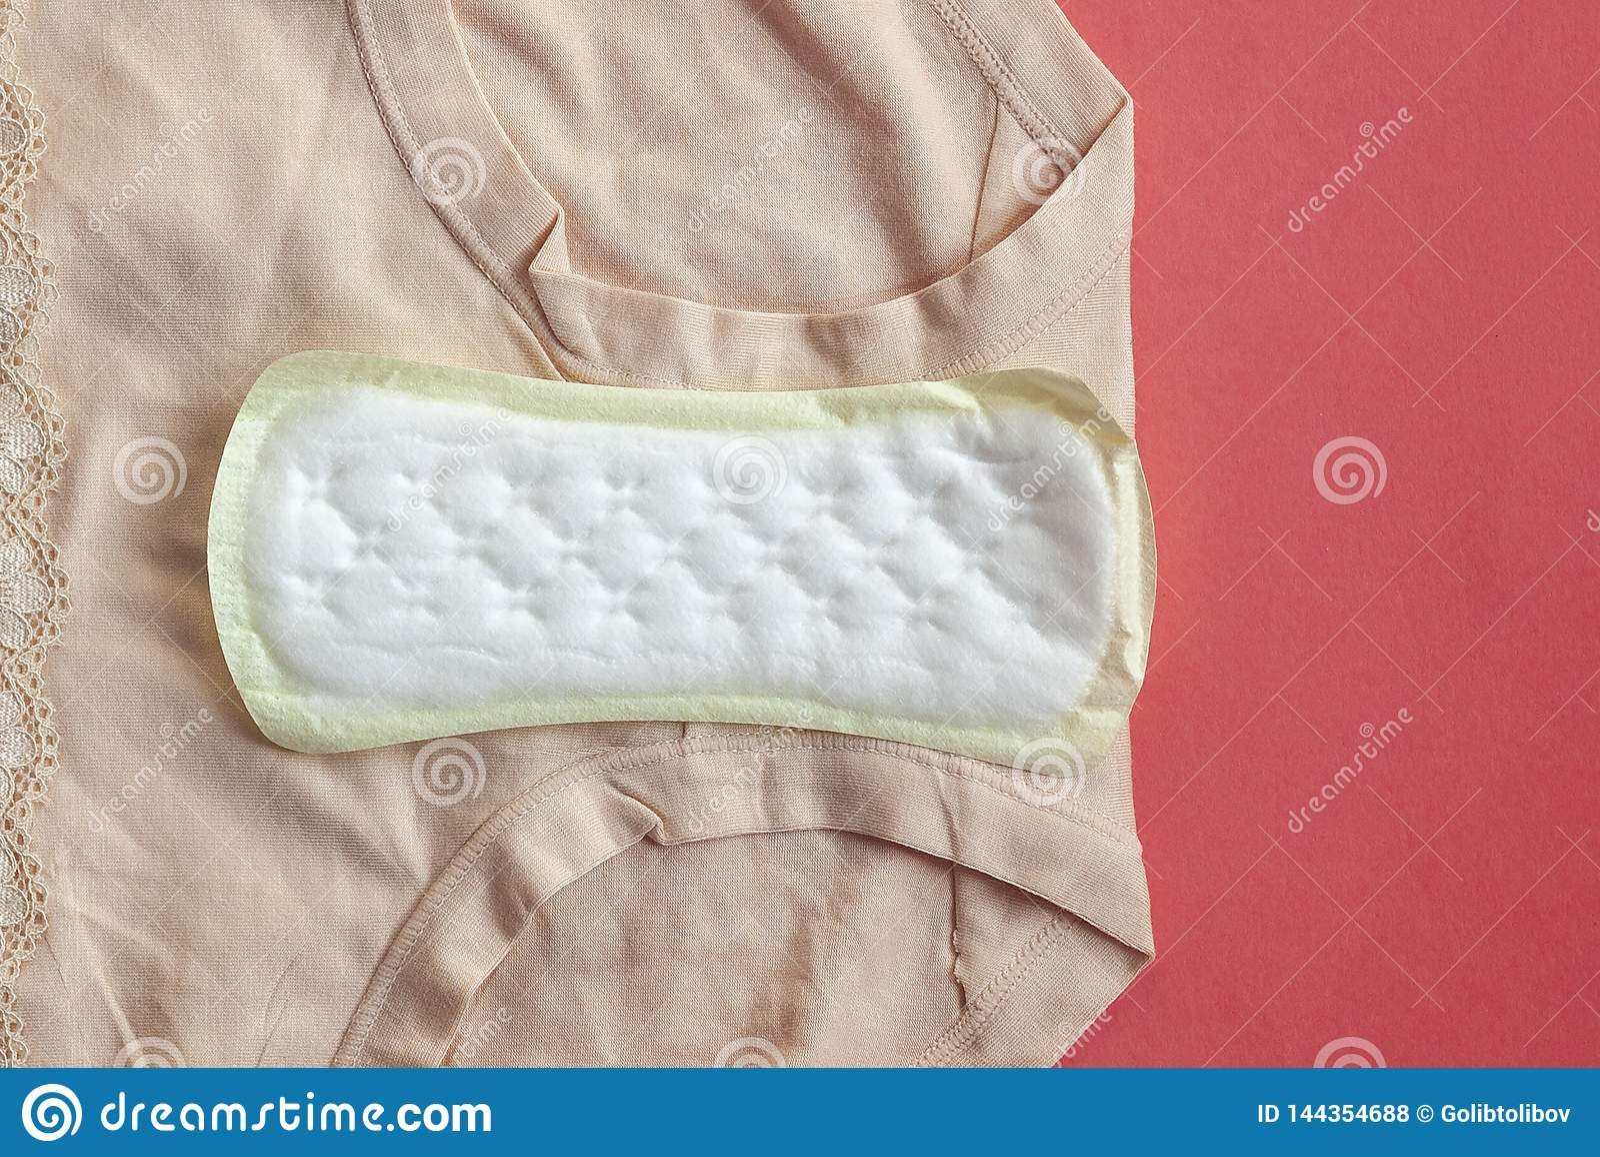 Almofadas sanitárias da menstruação para a proteção da higiene da mulher na manta em casa Proteção por dias críticos da mulher, g